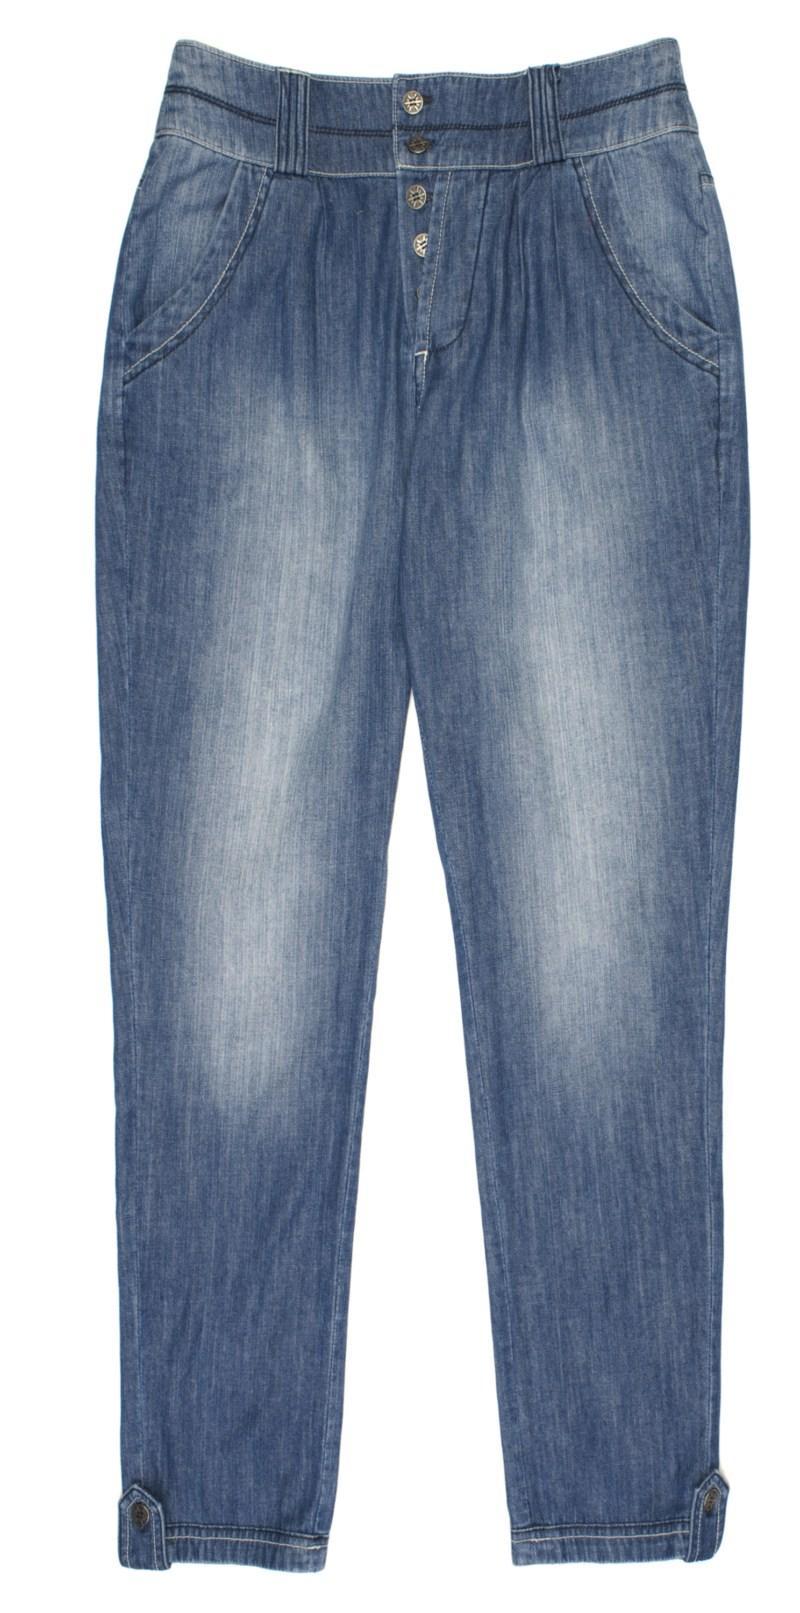 niebieskie spodnie Carry dżinsowe - wiosna-lato 2011